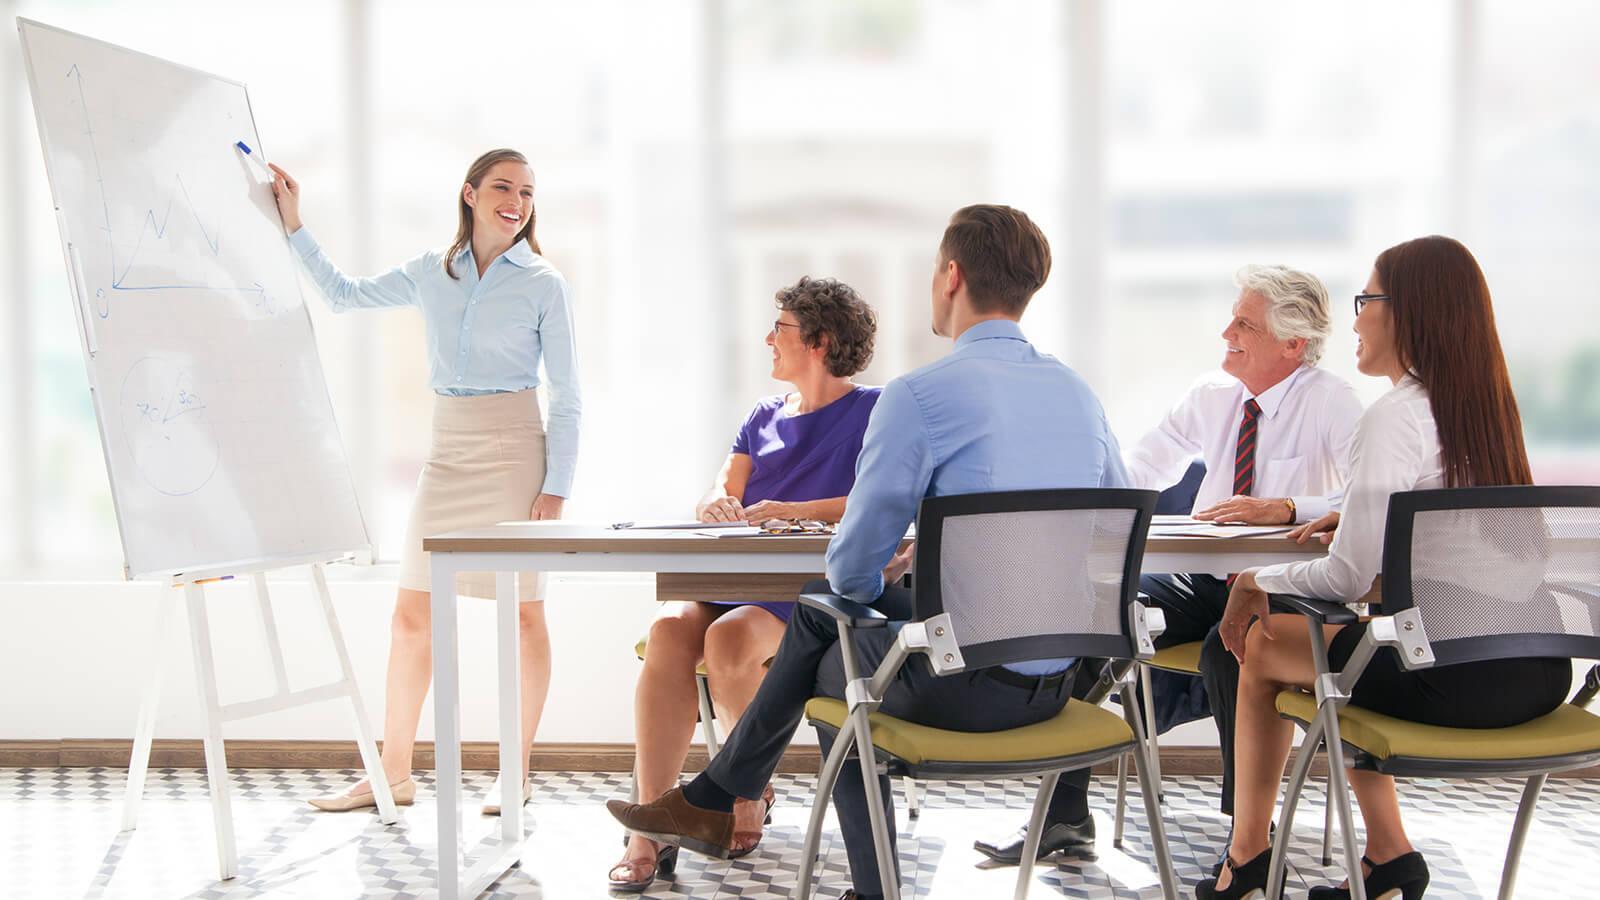 Kvinden fortæller sine kollegaer hvor mange fordele man kan få ved at bruge Pronestor